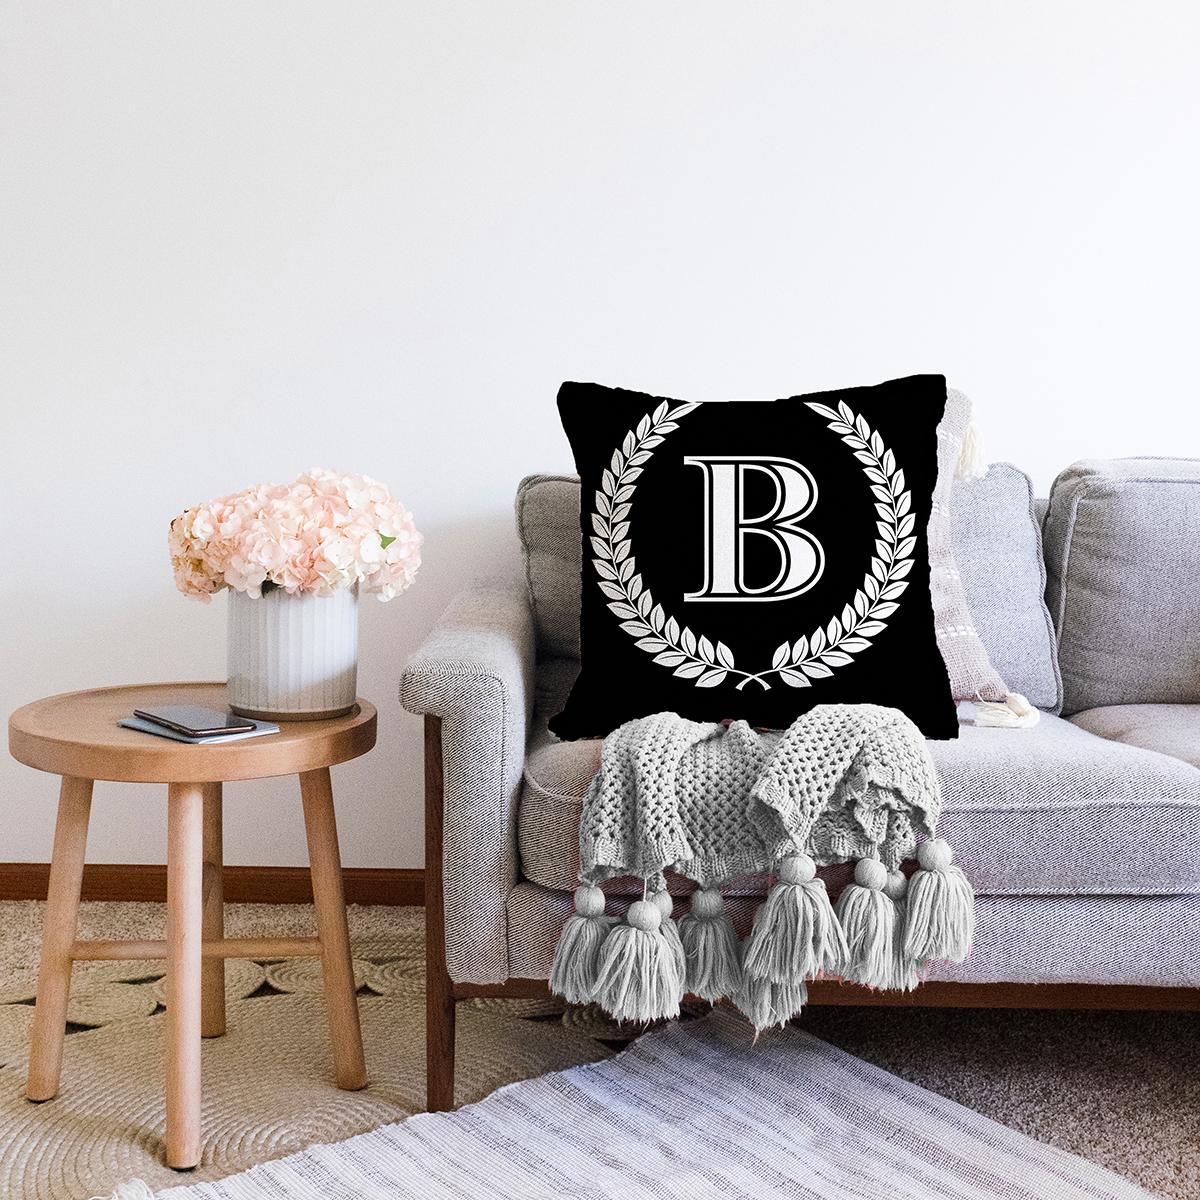 Siyah Beyaz Çelenkli B Harfi Özel Tasarım Dijital Baskılı Şönil Yastık Kırlent Kılıfı Realhomes